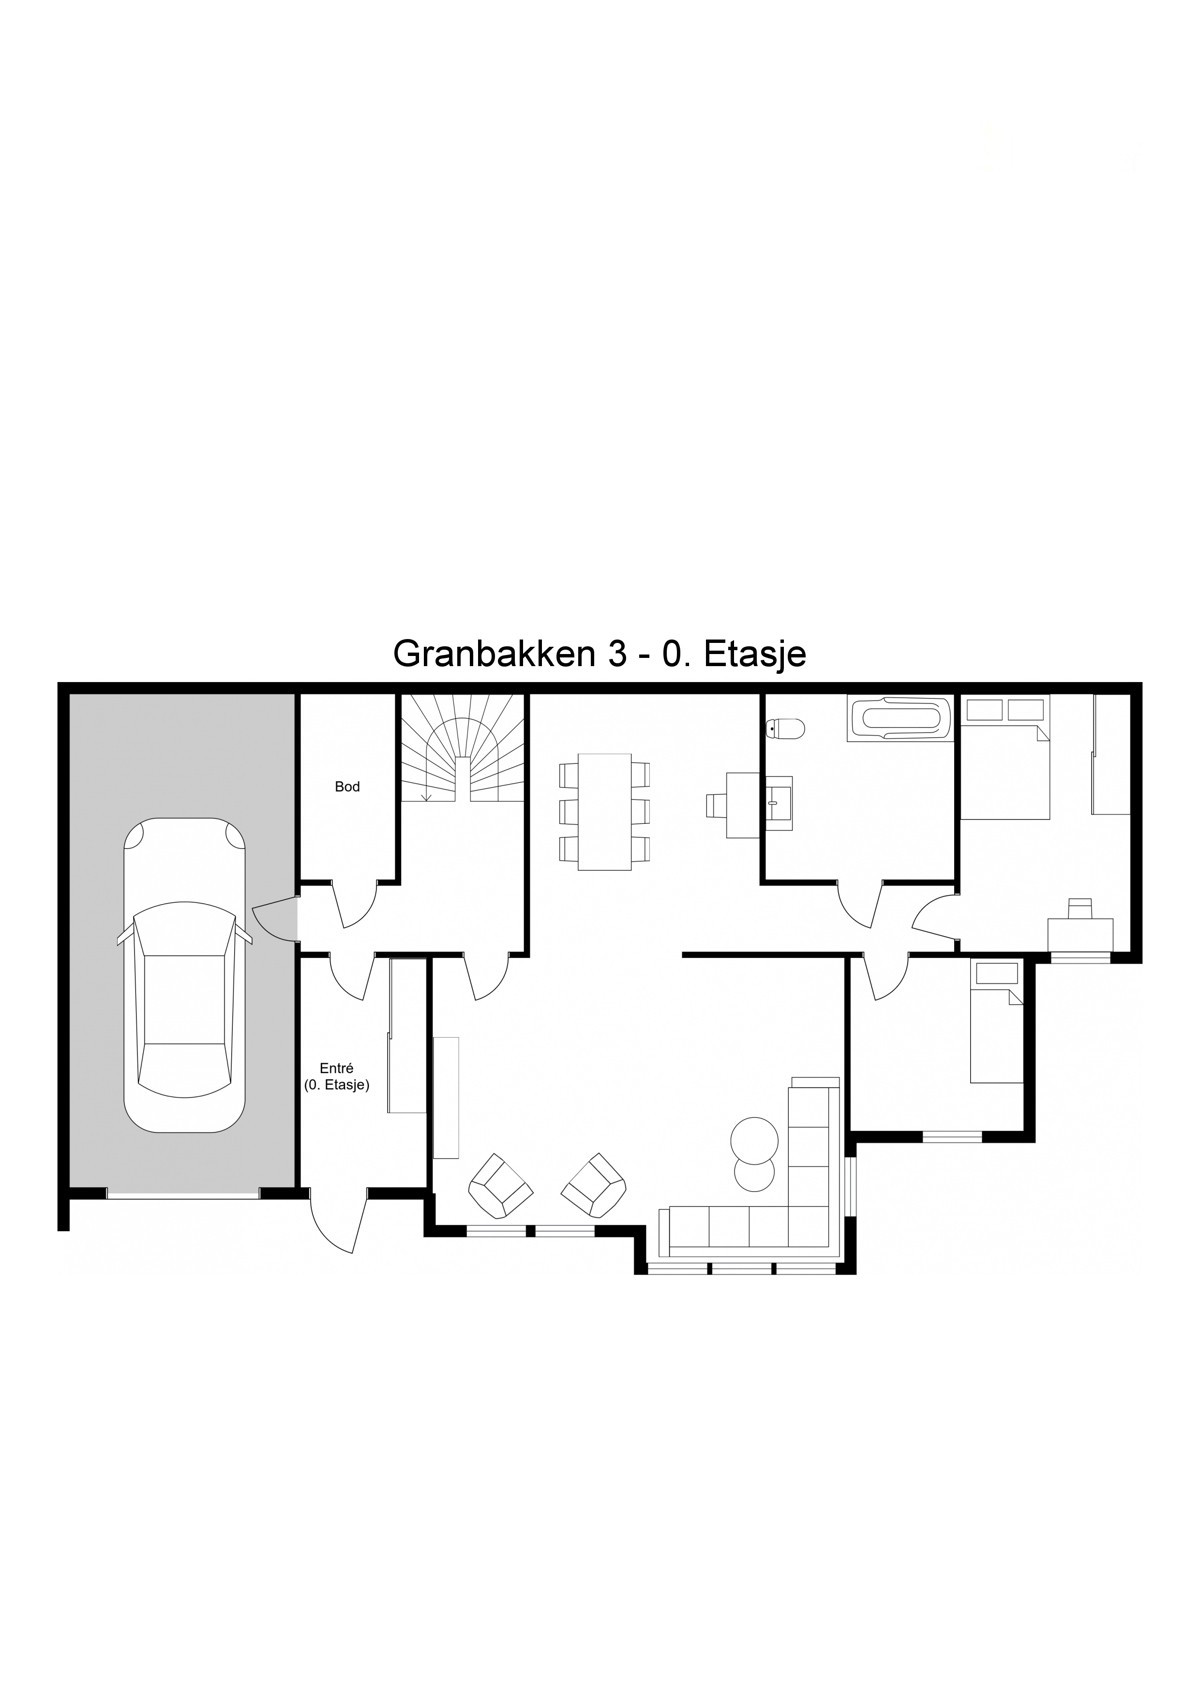 Planskisse 1. etasje - Det kan enkelt etableres 3-roms leilighet i underetasjen